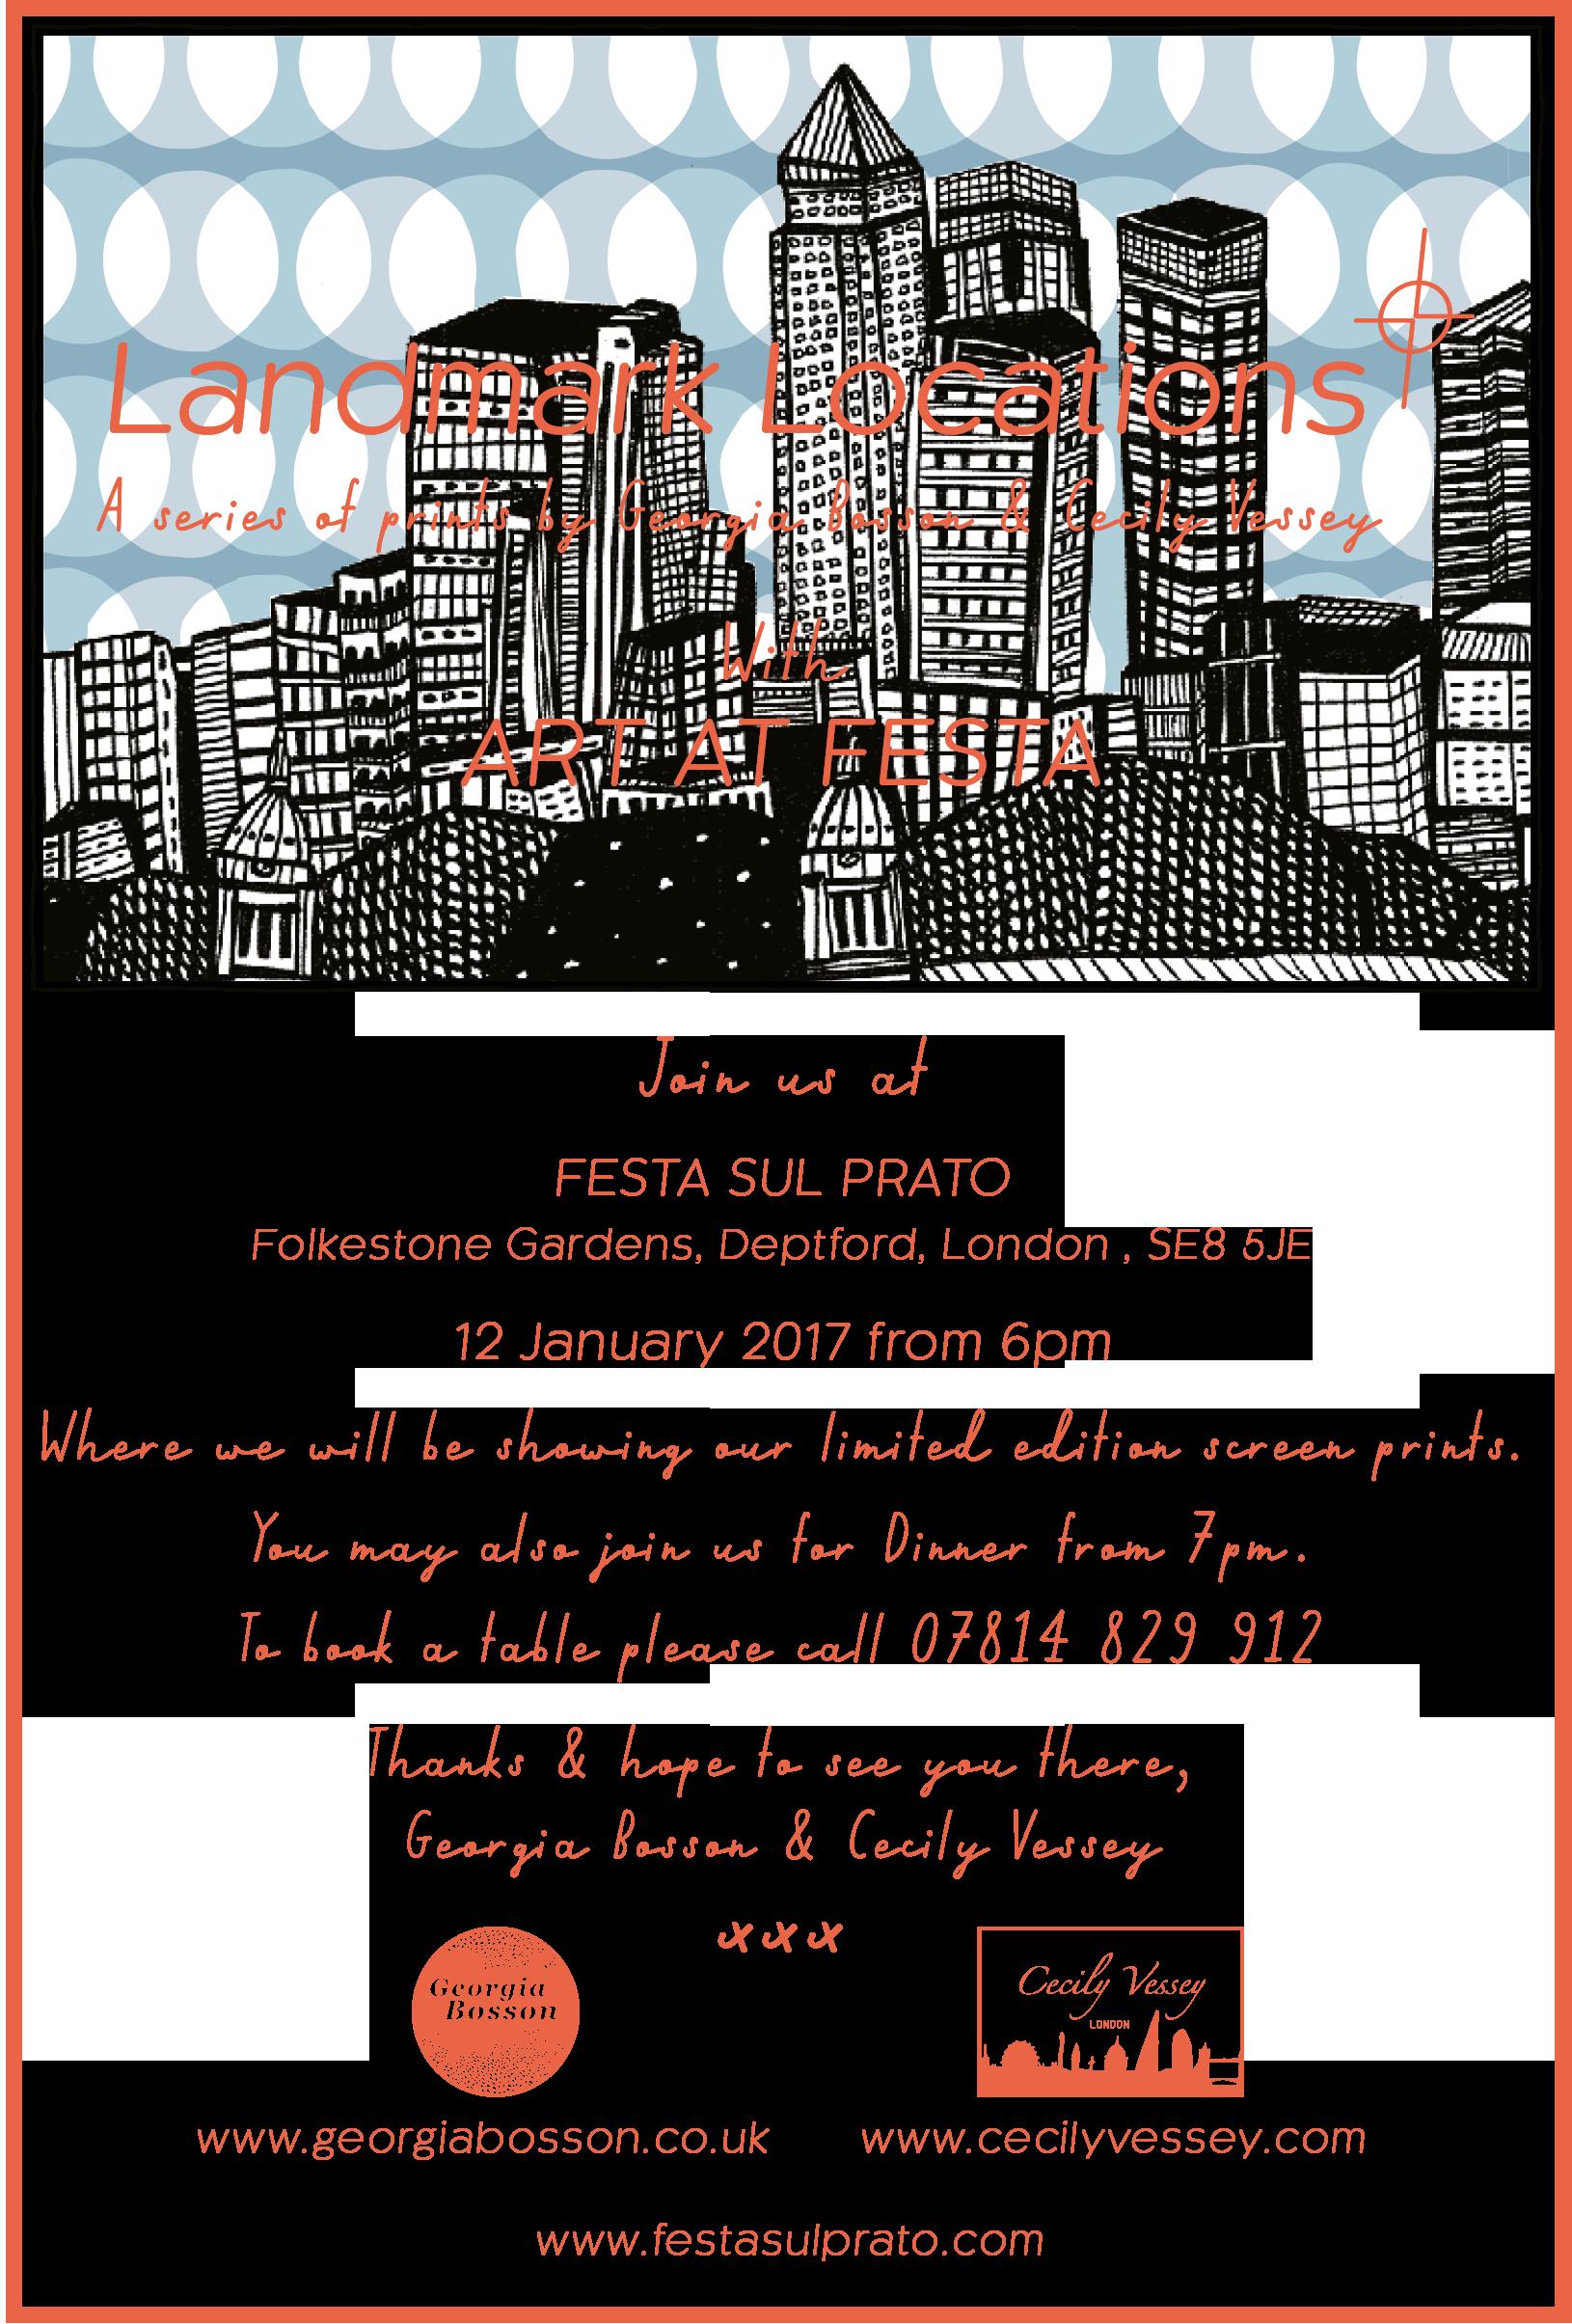 ART AT FESTA-LL INVITE.png